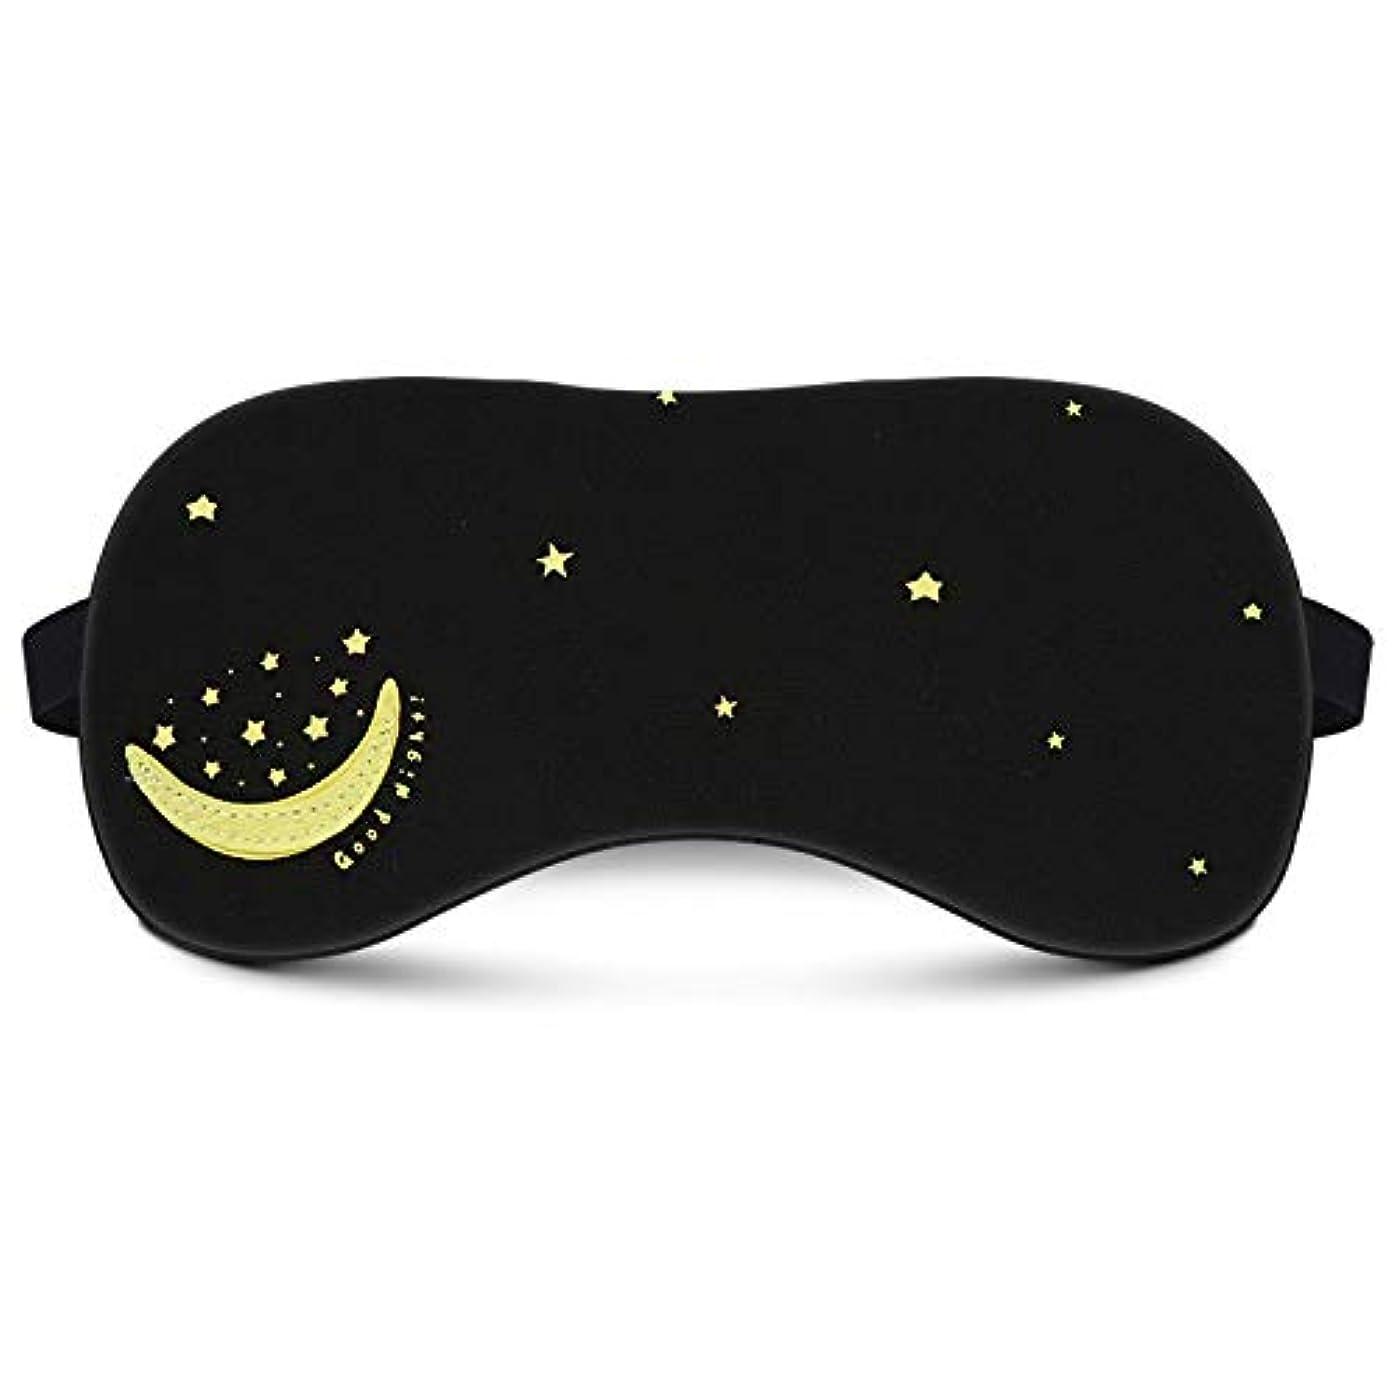 胚矢じりナサニエル区NOTE Eearplug無料ギフトブラックナイト睡眠マスク用包帯付き睡眠目隠し睡眠アイマスク目カバーフェイスマスク用昼寝